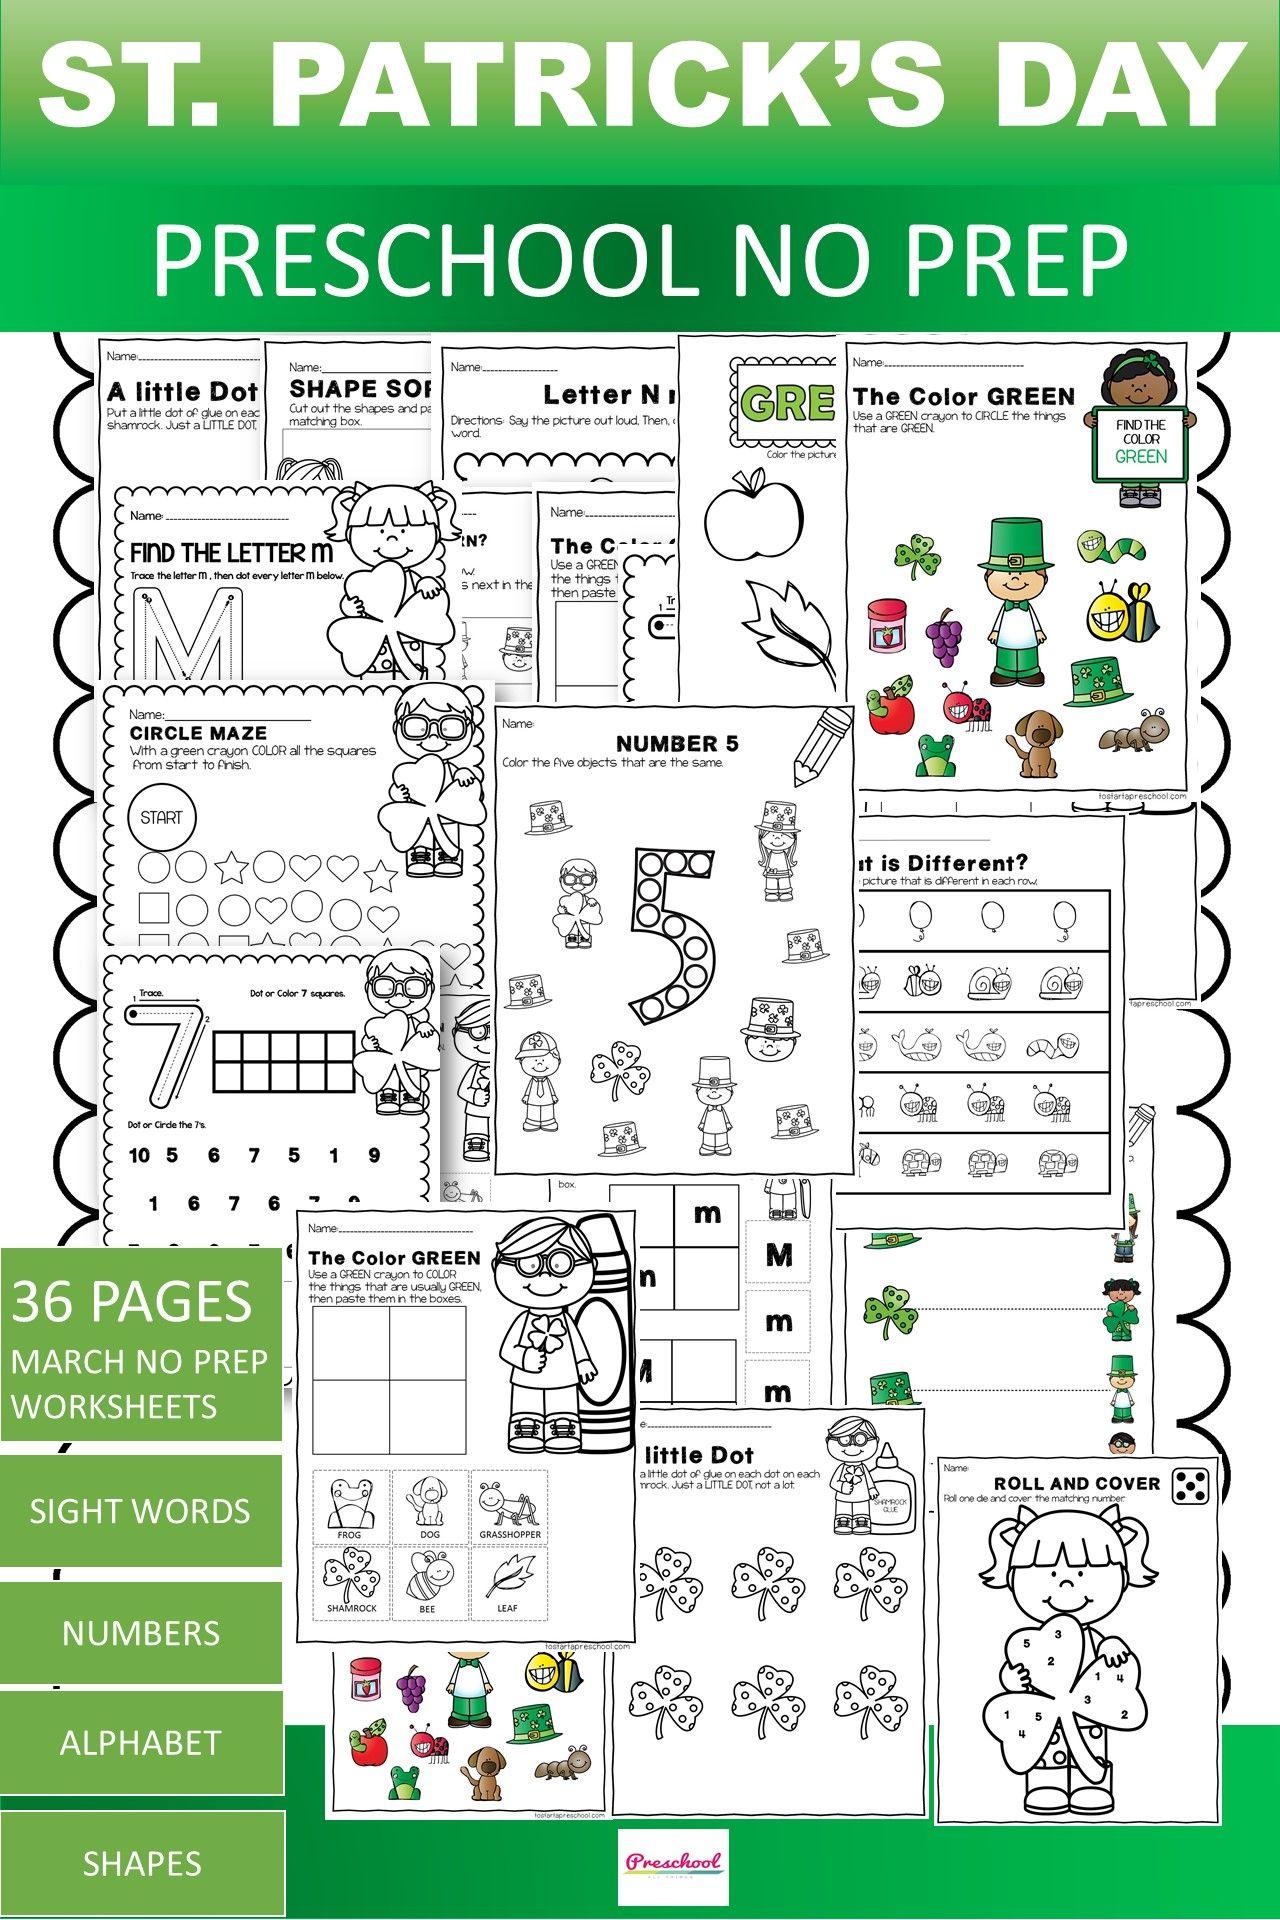 March Preschool Packet In